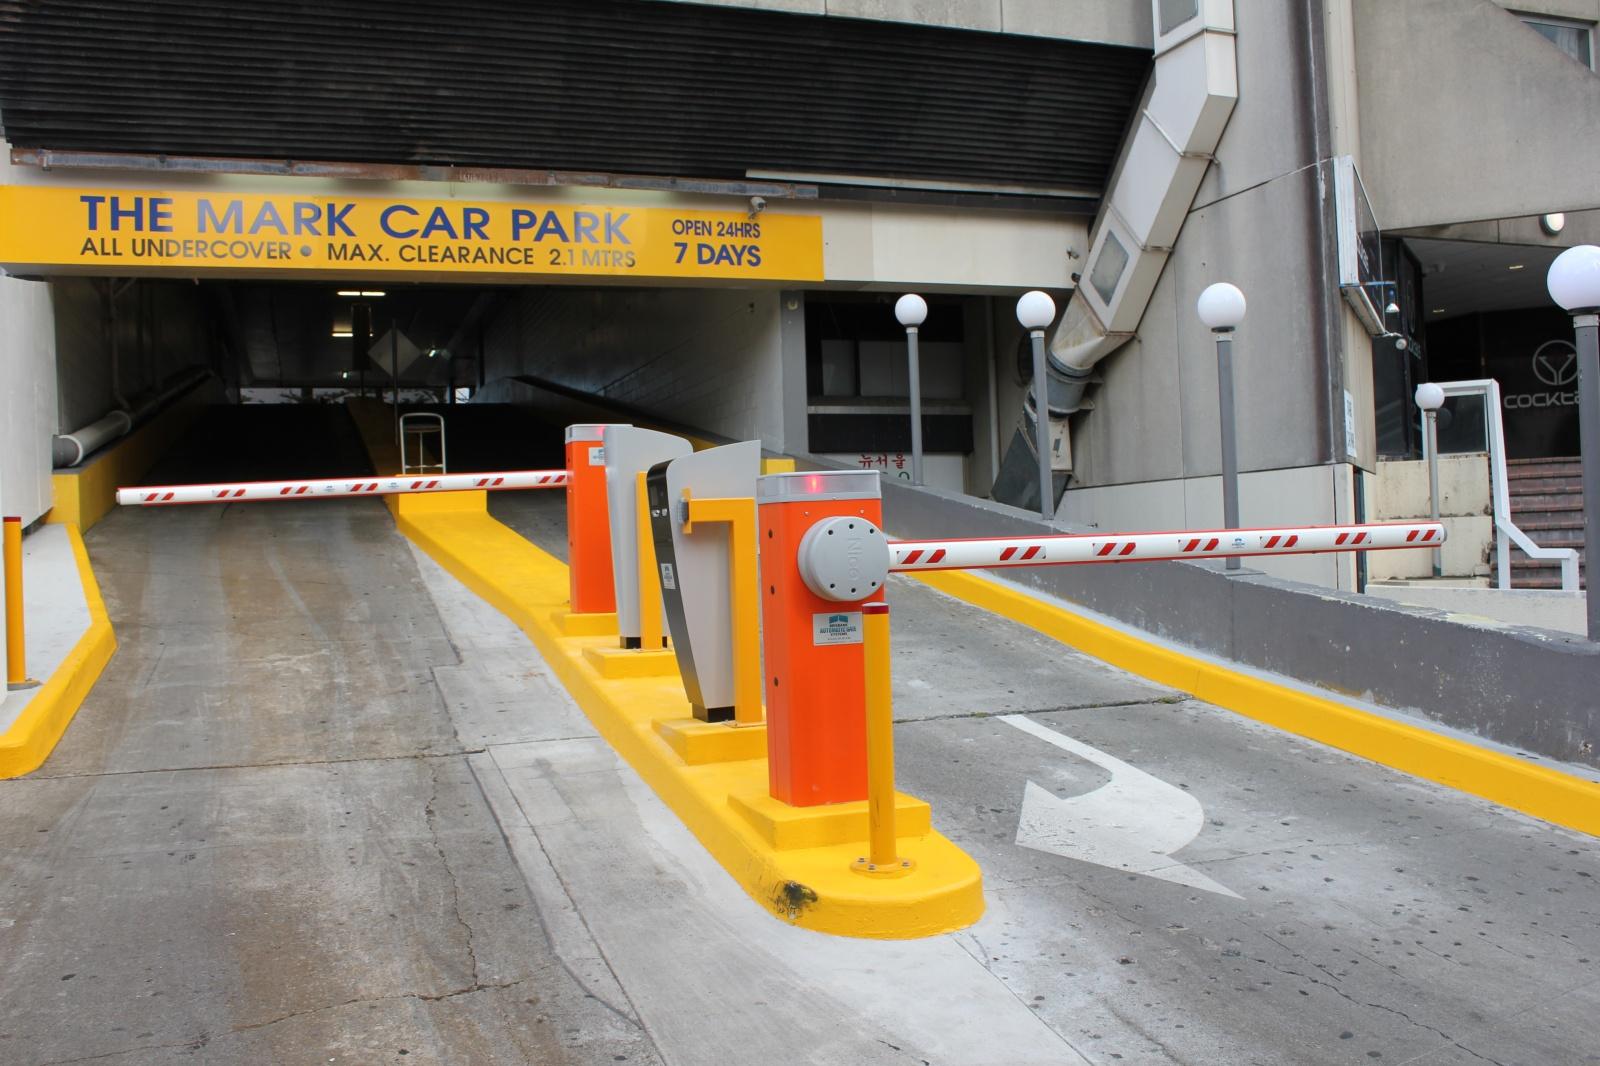 Car parking solution surfers paradise mark park